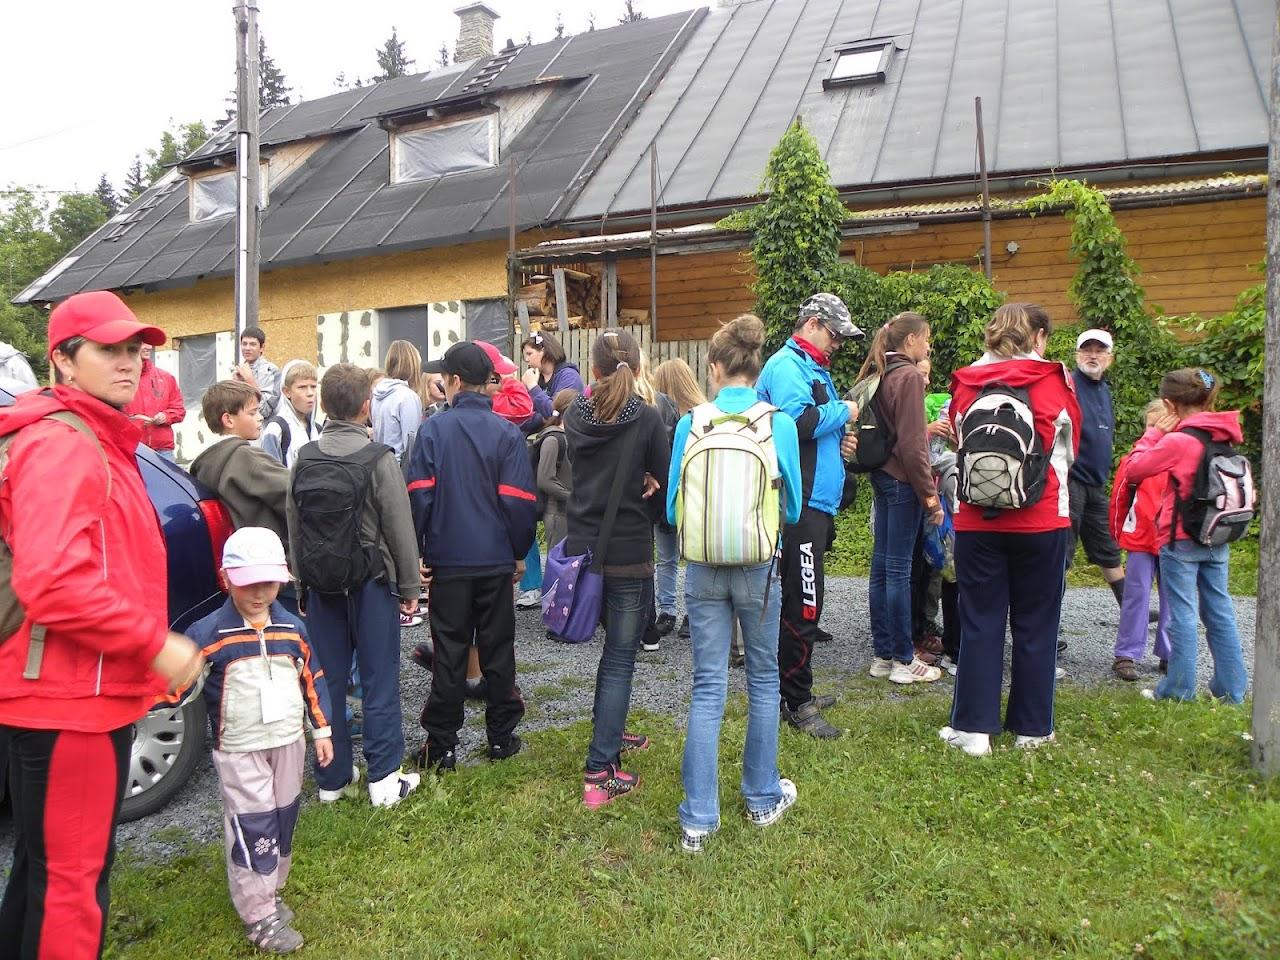 Tábor - Veľké Karlovice - fotka 109.JPG